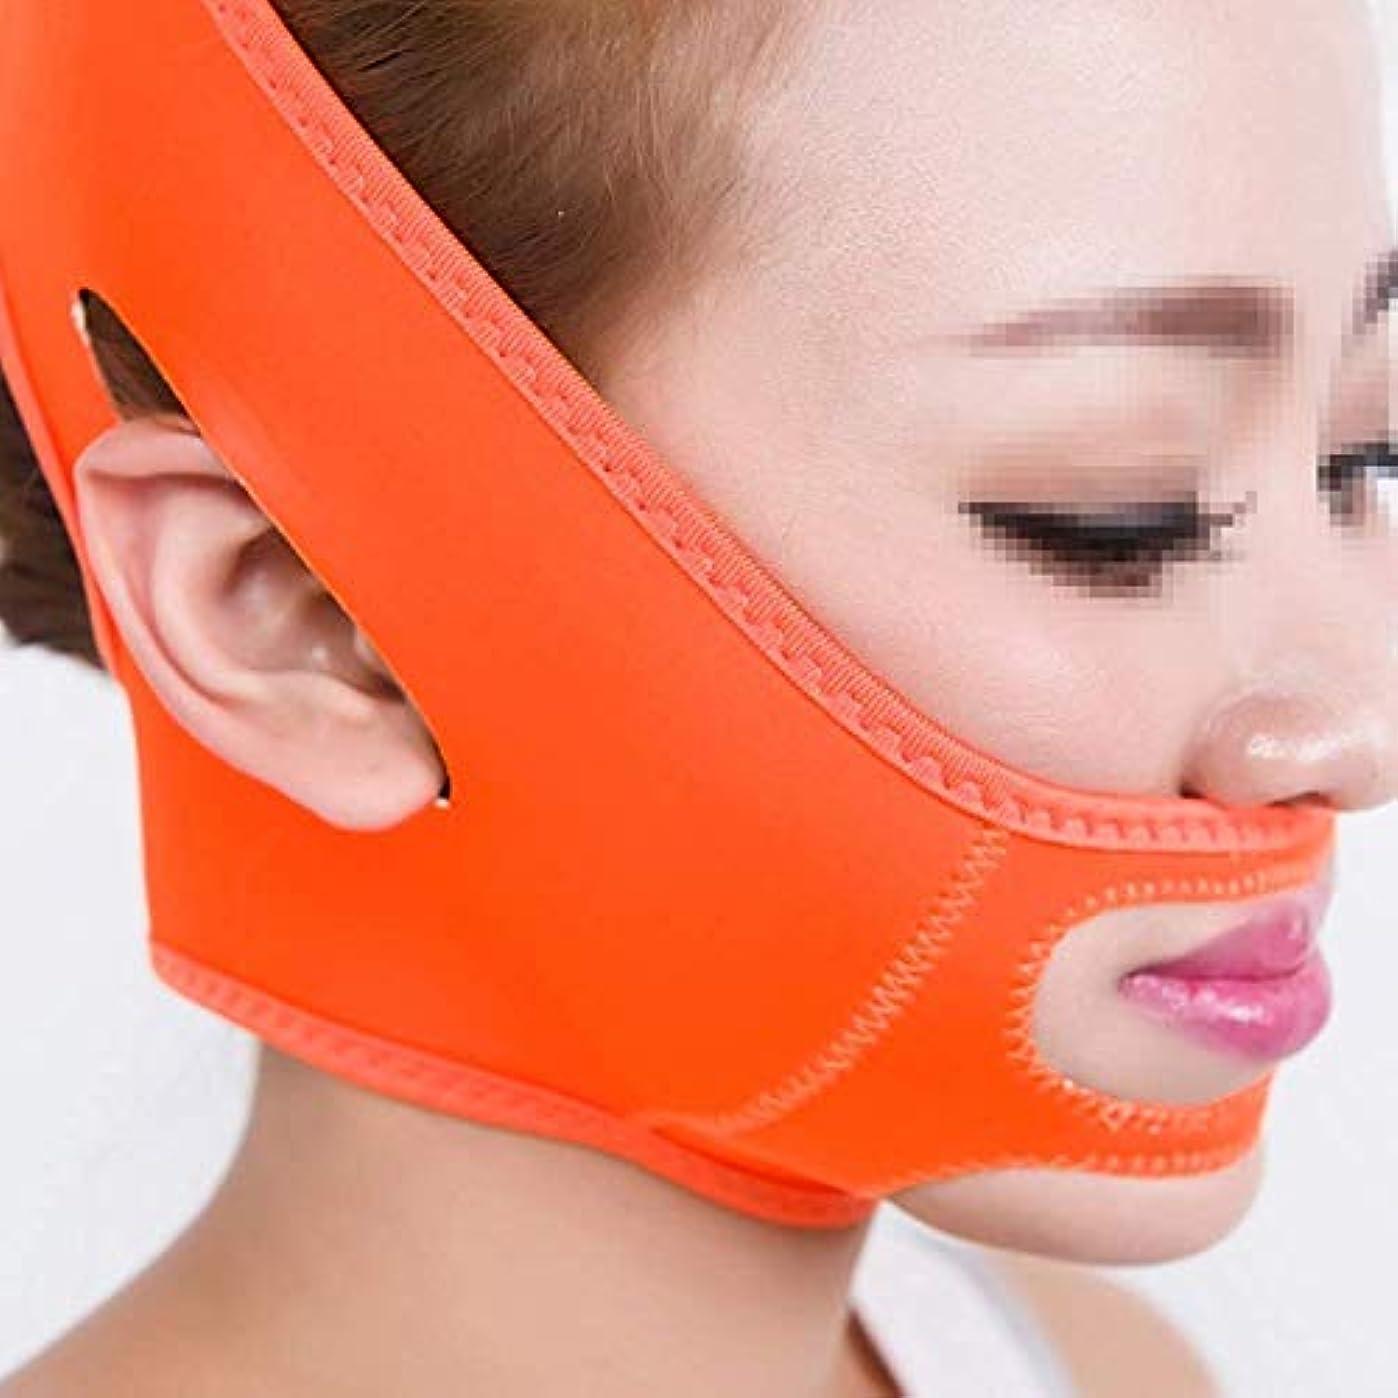 着飾るペレグリネーション数学美しさと実用的な薄型フェイスベルト、Vフェイス、スリープマスク包帯、引き締めフェイス、ダブルチンフェイスマスク、マルチカラーオプション(色:オレンジ)